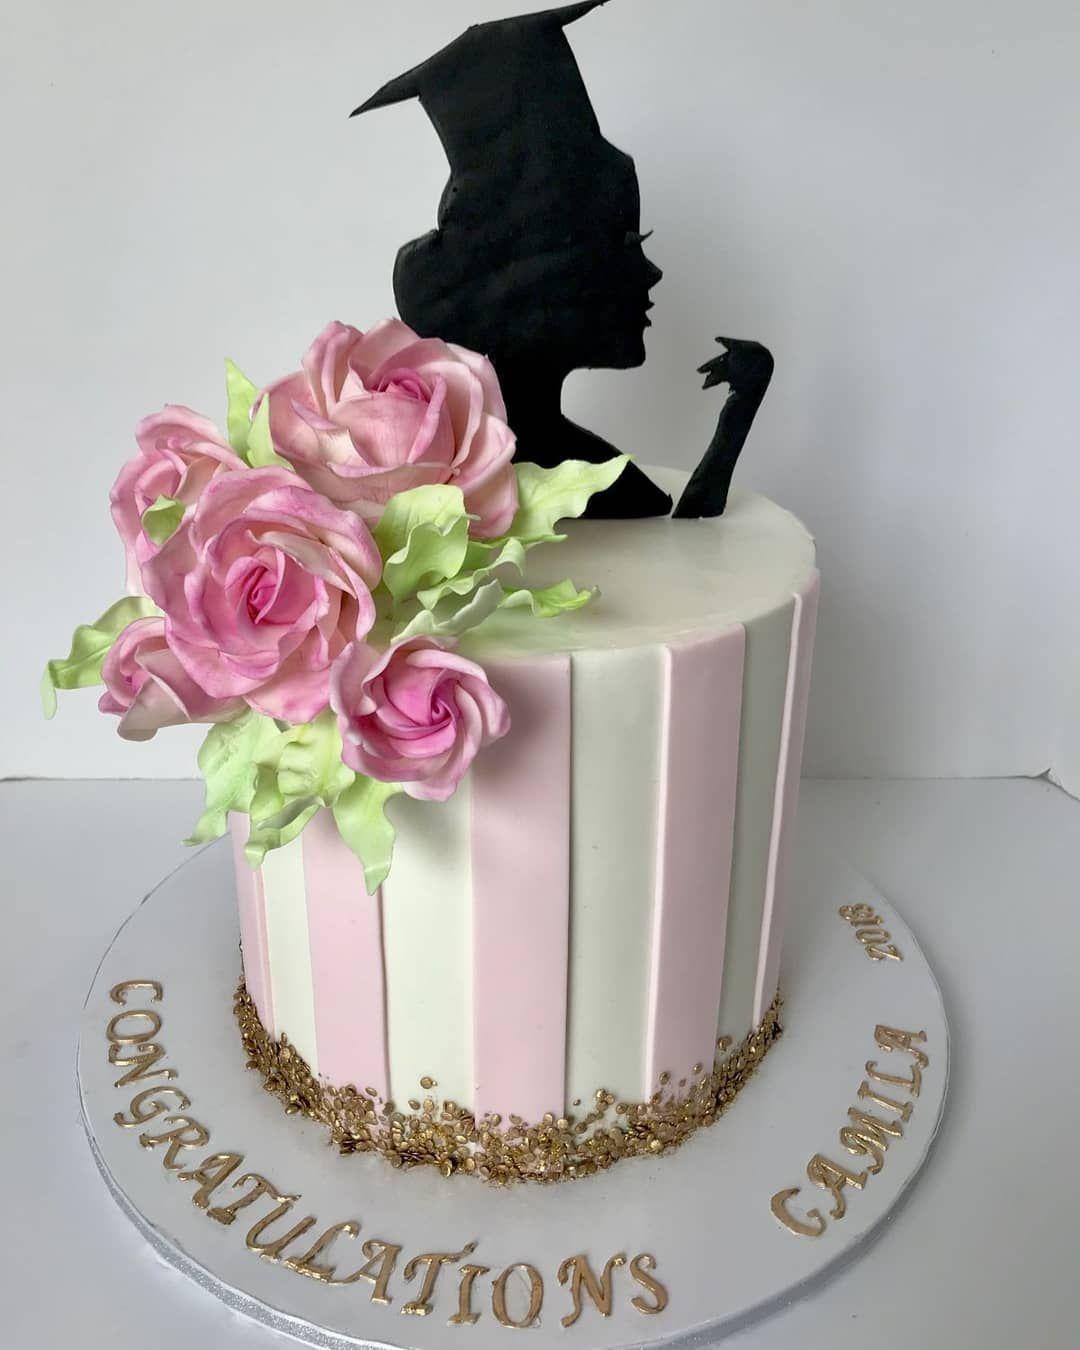 تخرج2018 كيك زواج اعراس عرس كيك عيدميلاد سبايدرمان سوبرمان فرون يونك كيك بيبي كيك تخرج كيك ترقية نوتلا Graduation Cakes Graduation Party Cake School Cake